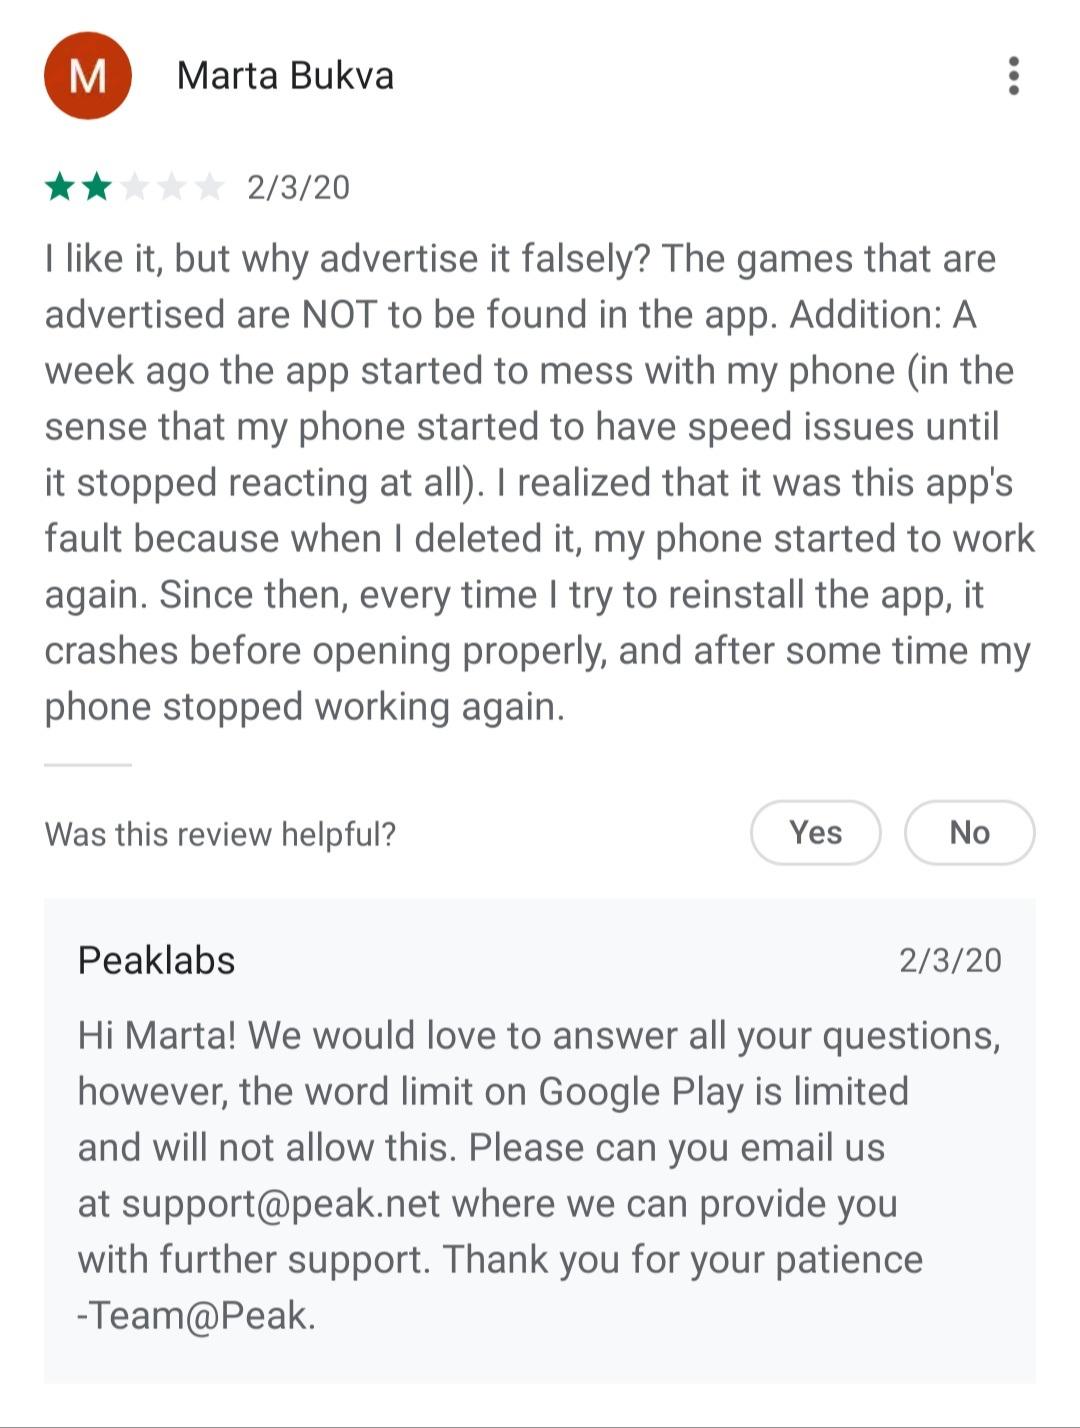 Nimm Das Gesprach Aus Dem Google Play